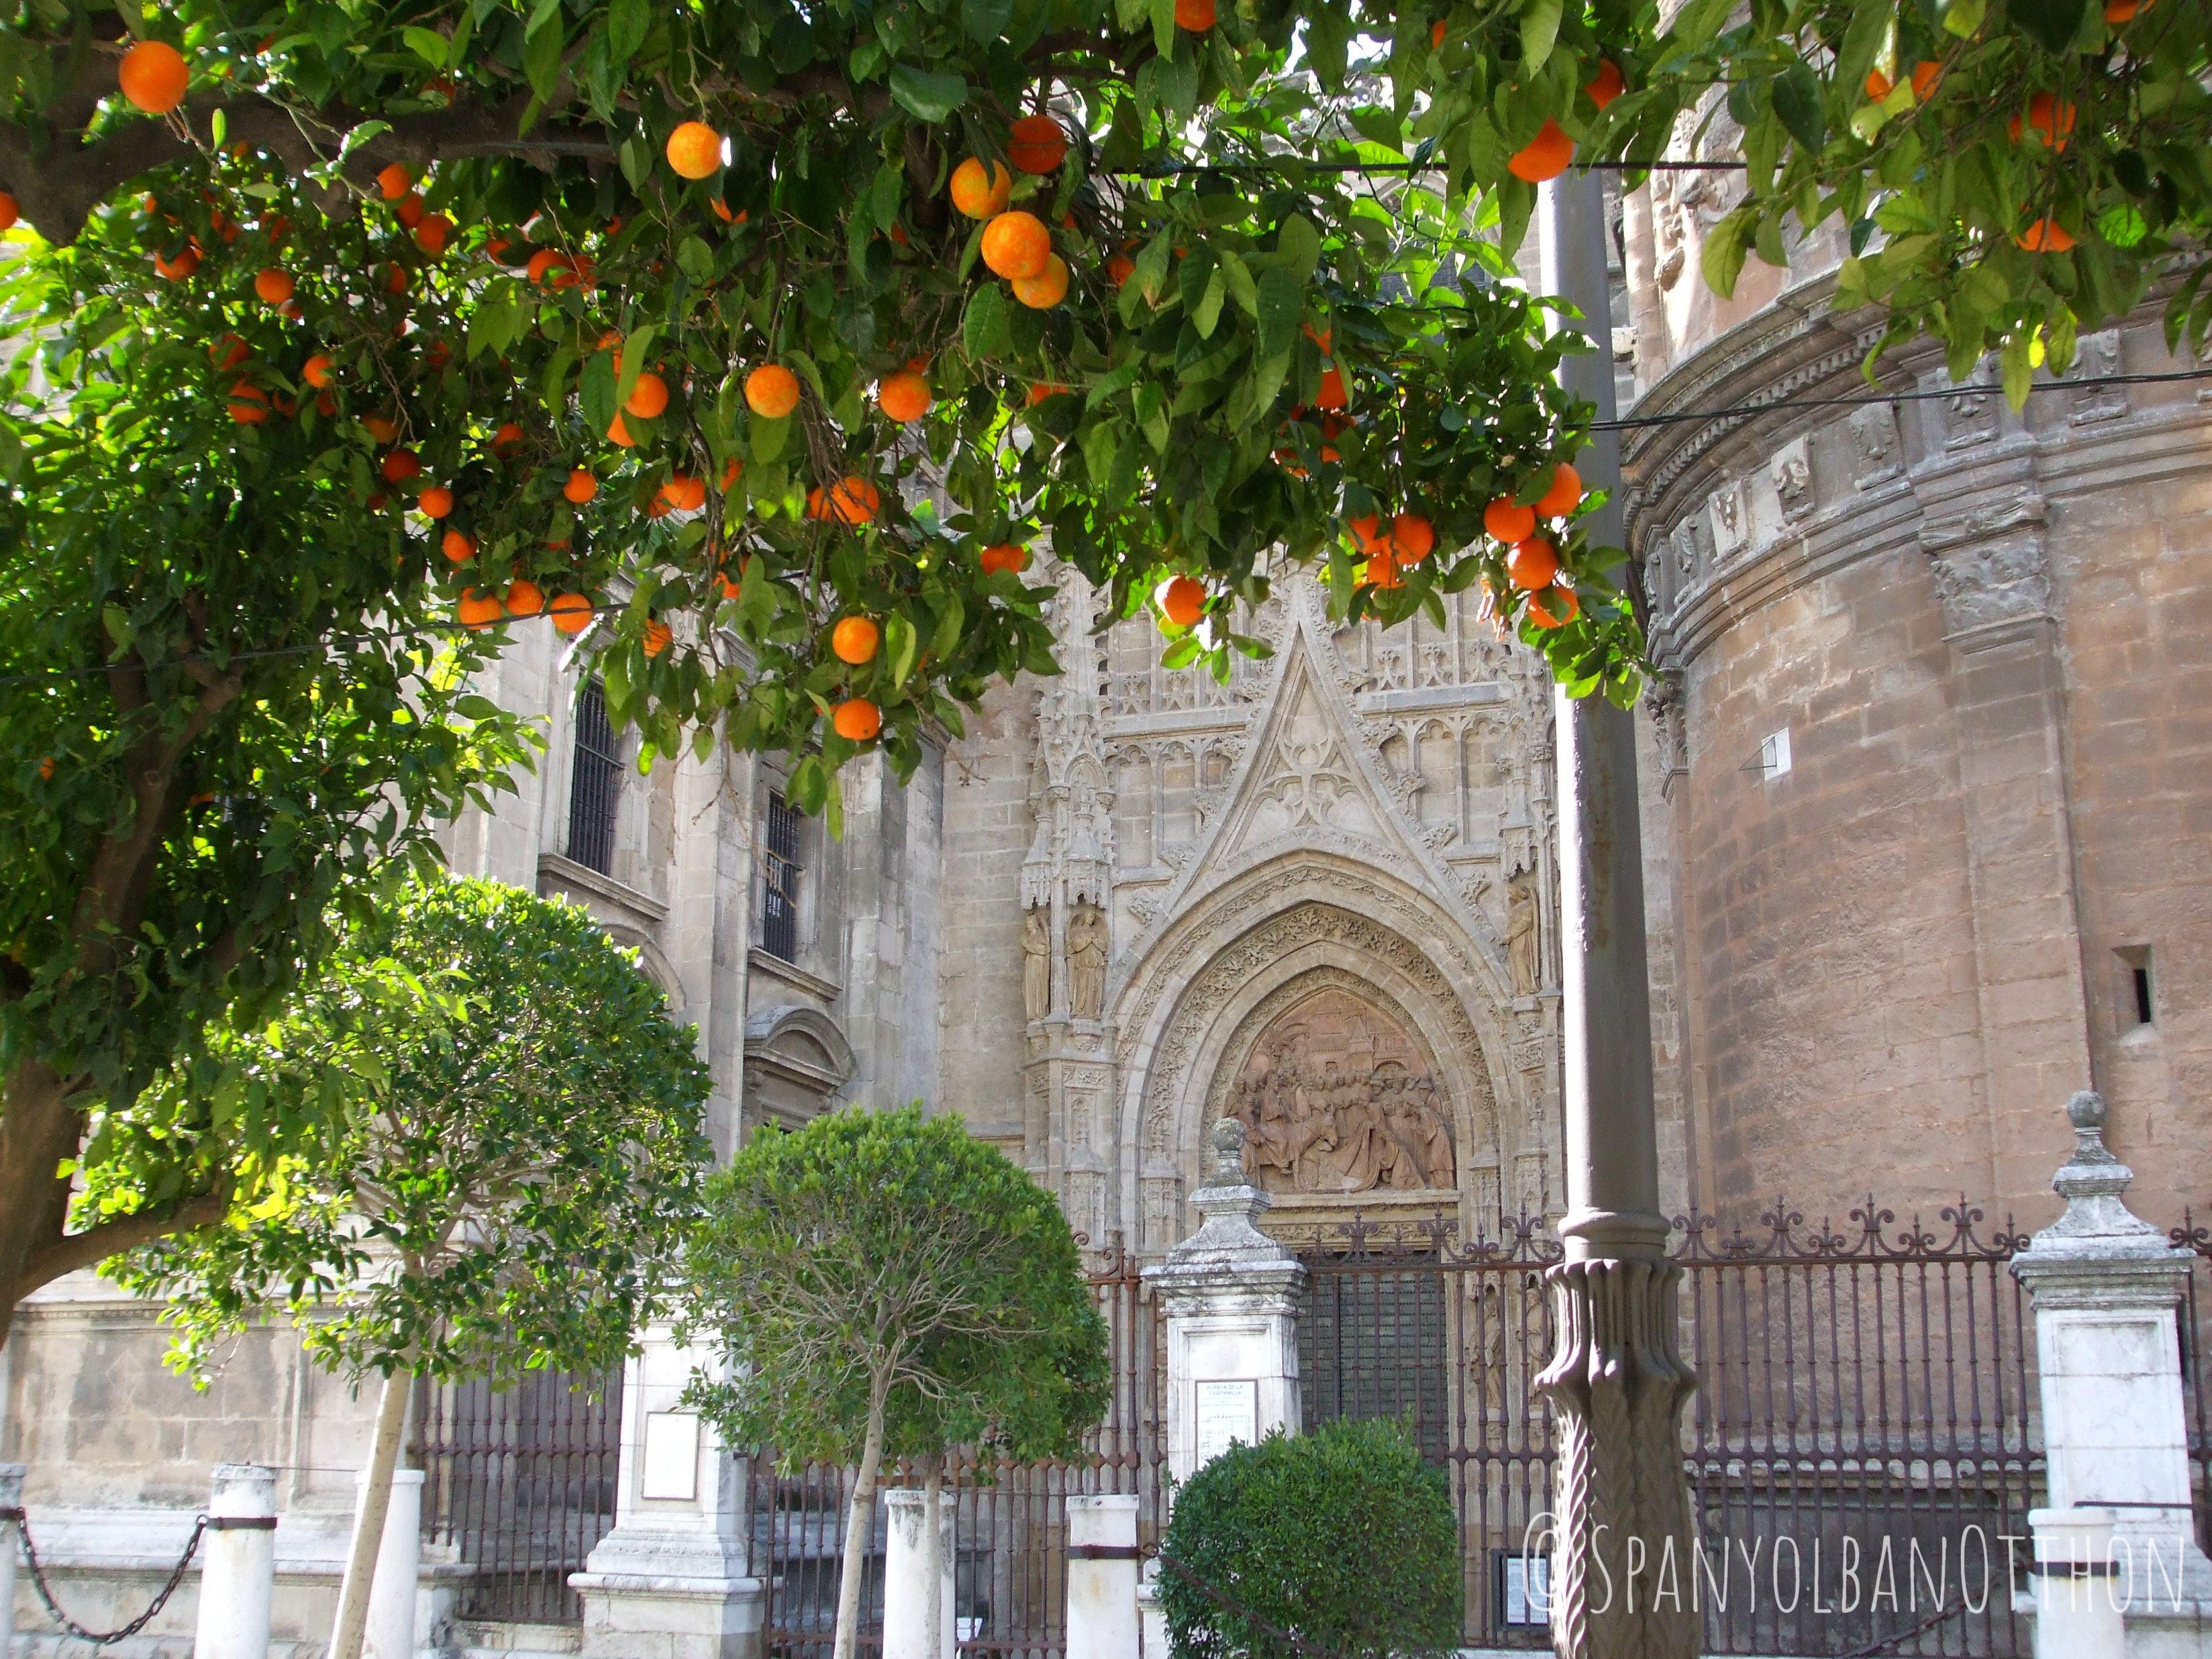 sevilla_latnivalok_spanyolban_otthon_44.jpg